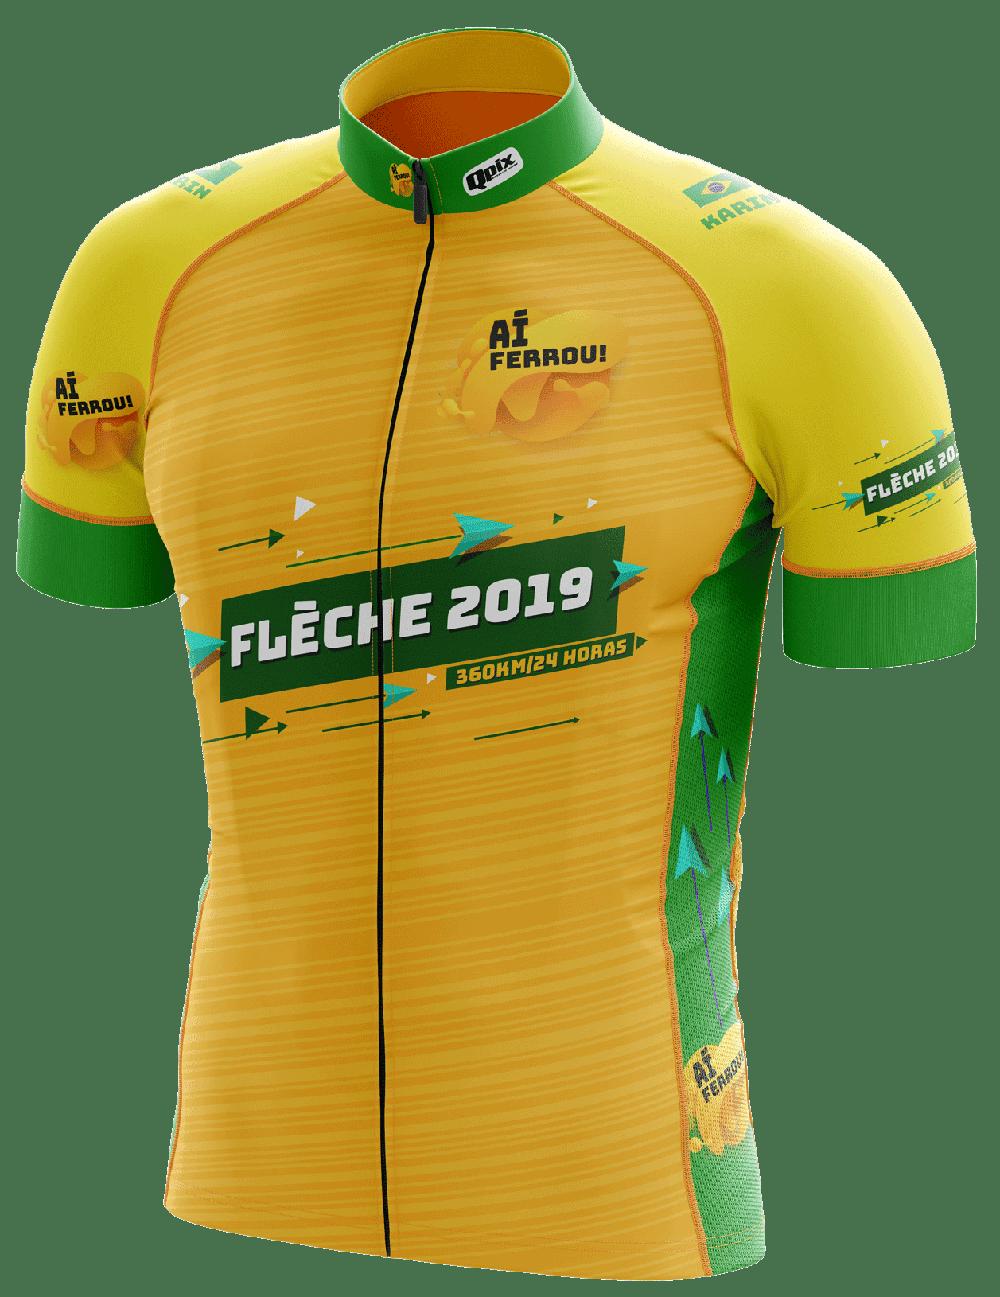 """Uniforme Oficial para equipe """"Aí Ferrou"""" que vai disputar o Flèche 2019."""